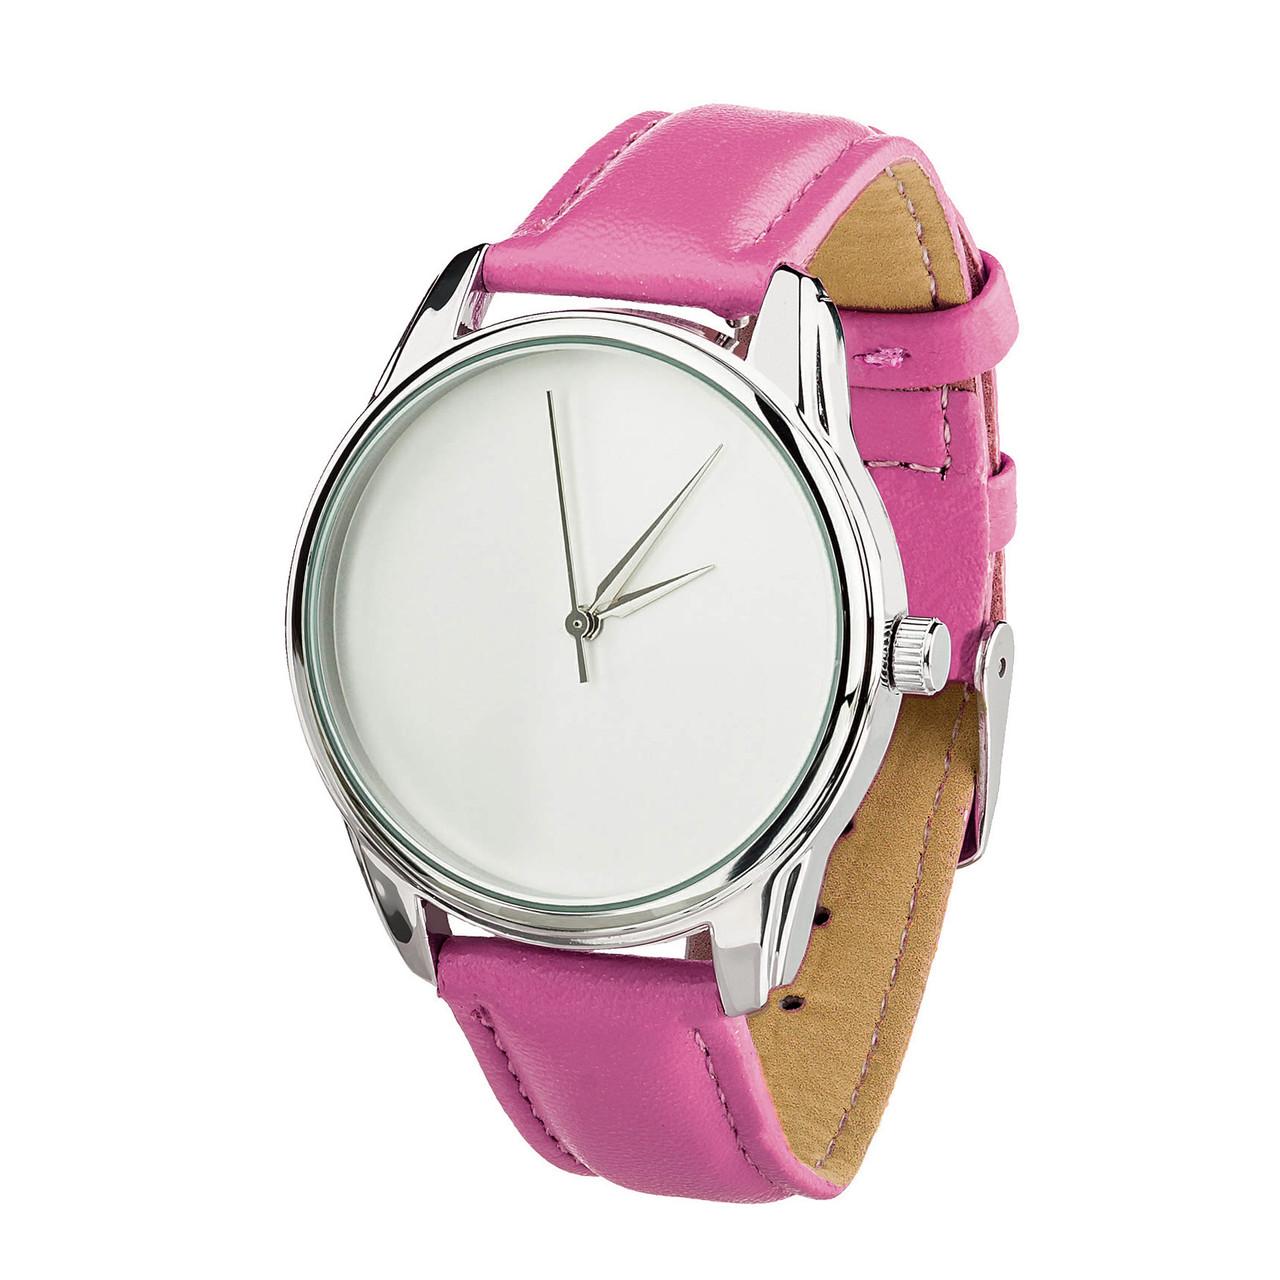 Годинник ZIZ Мінімалізм (ремінець малиновий, срібло) + додатковий ремінець